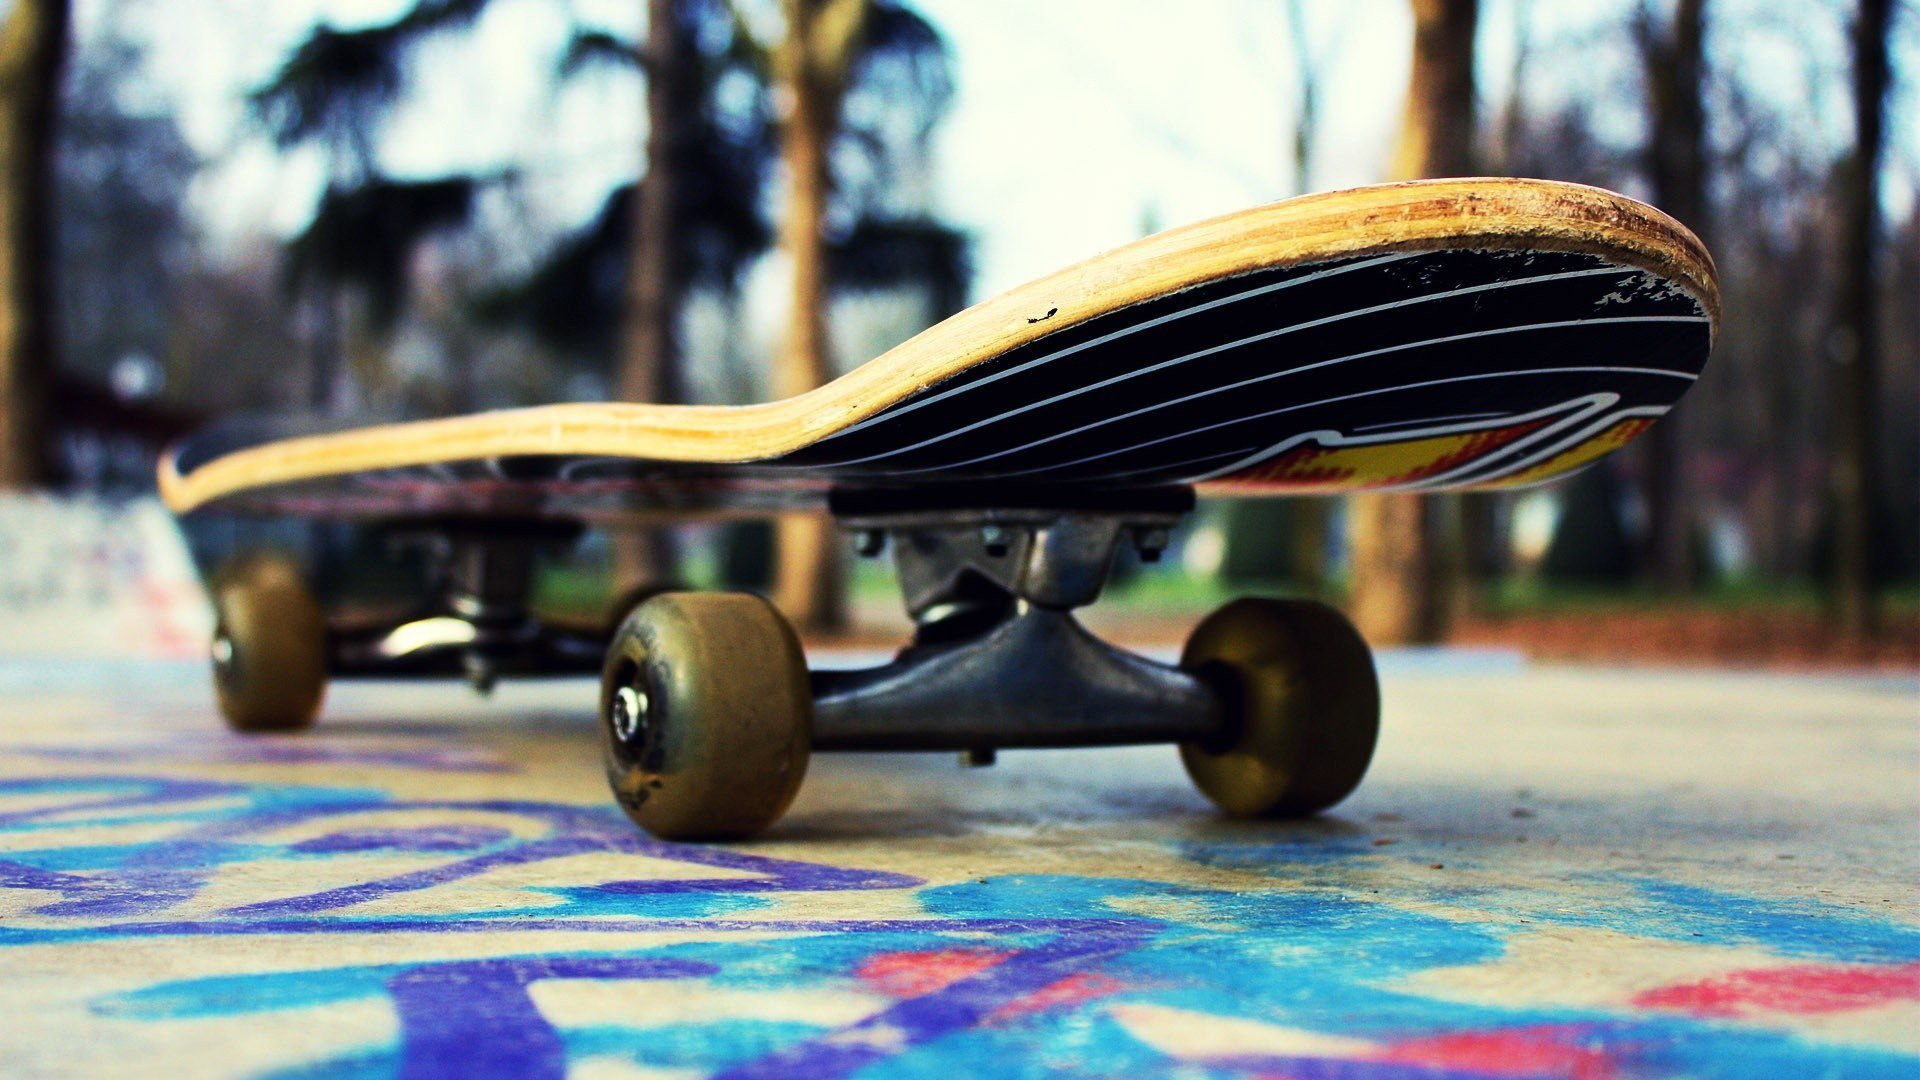 скейтборд картинки на обои мая